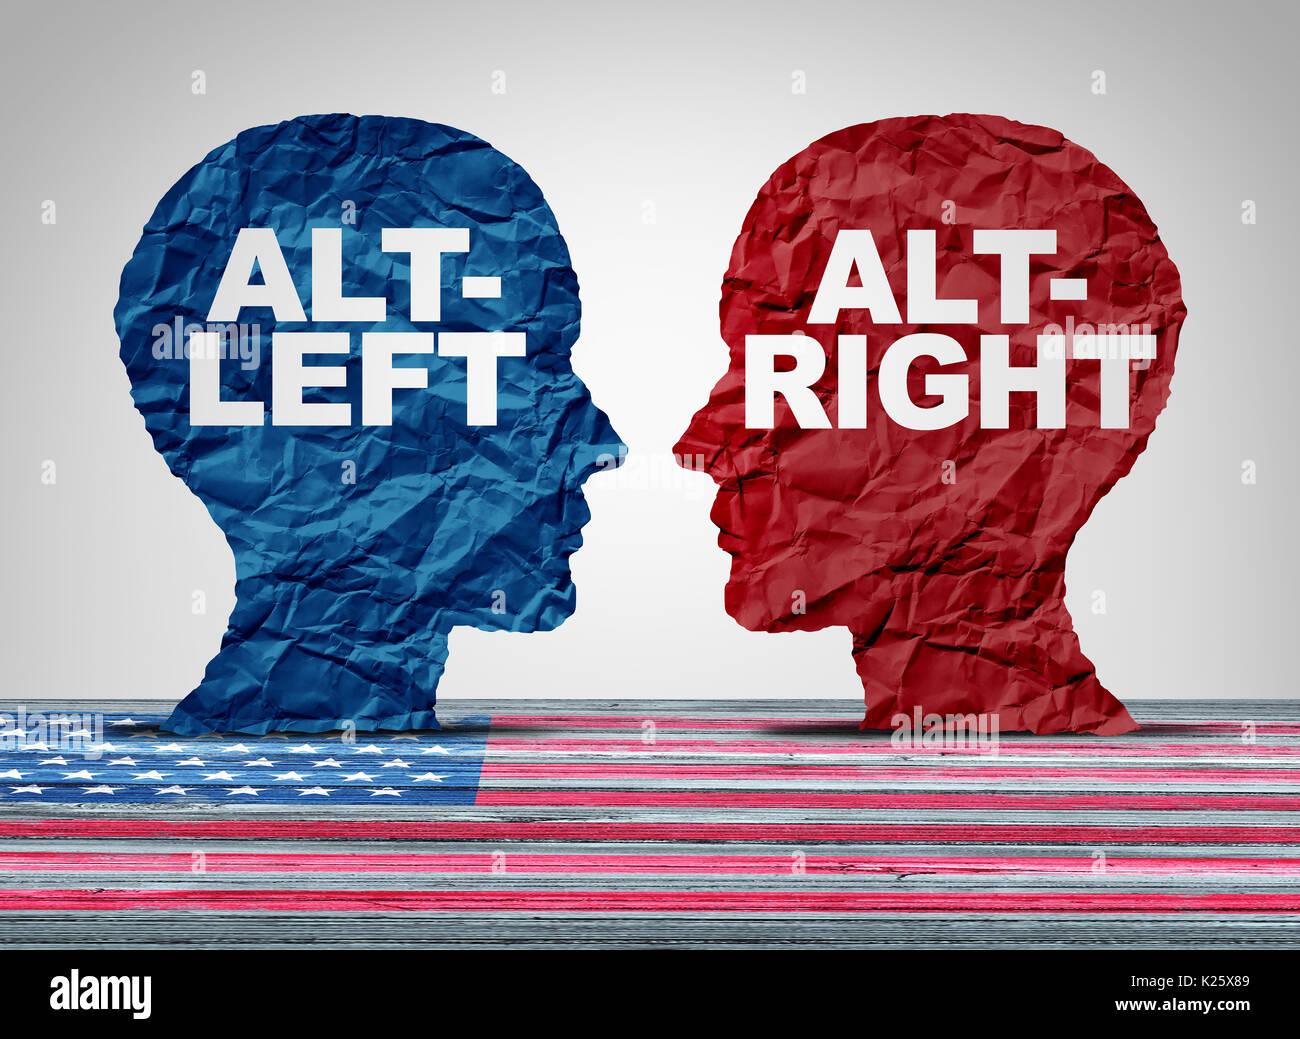 Alt rechts oder altleft Konzept als politisches und soziales Denken idelogies Konzept mit zwei Seiten der gegnerischen Ideologie Debatte mit 3D-Darstellung. Stockbild